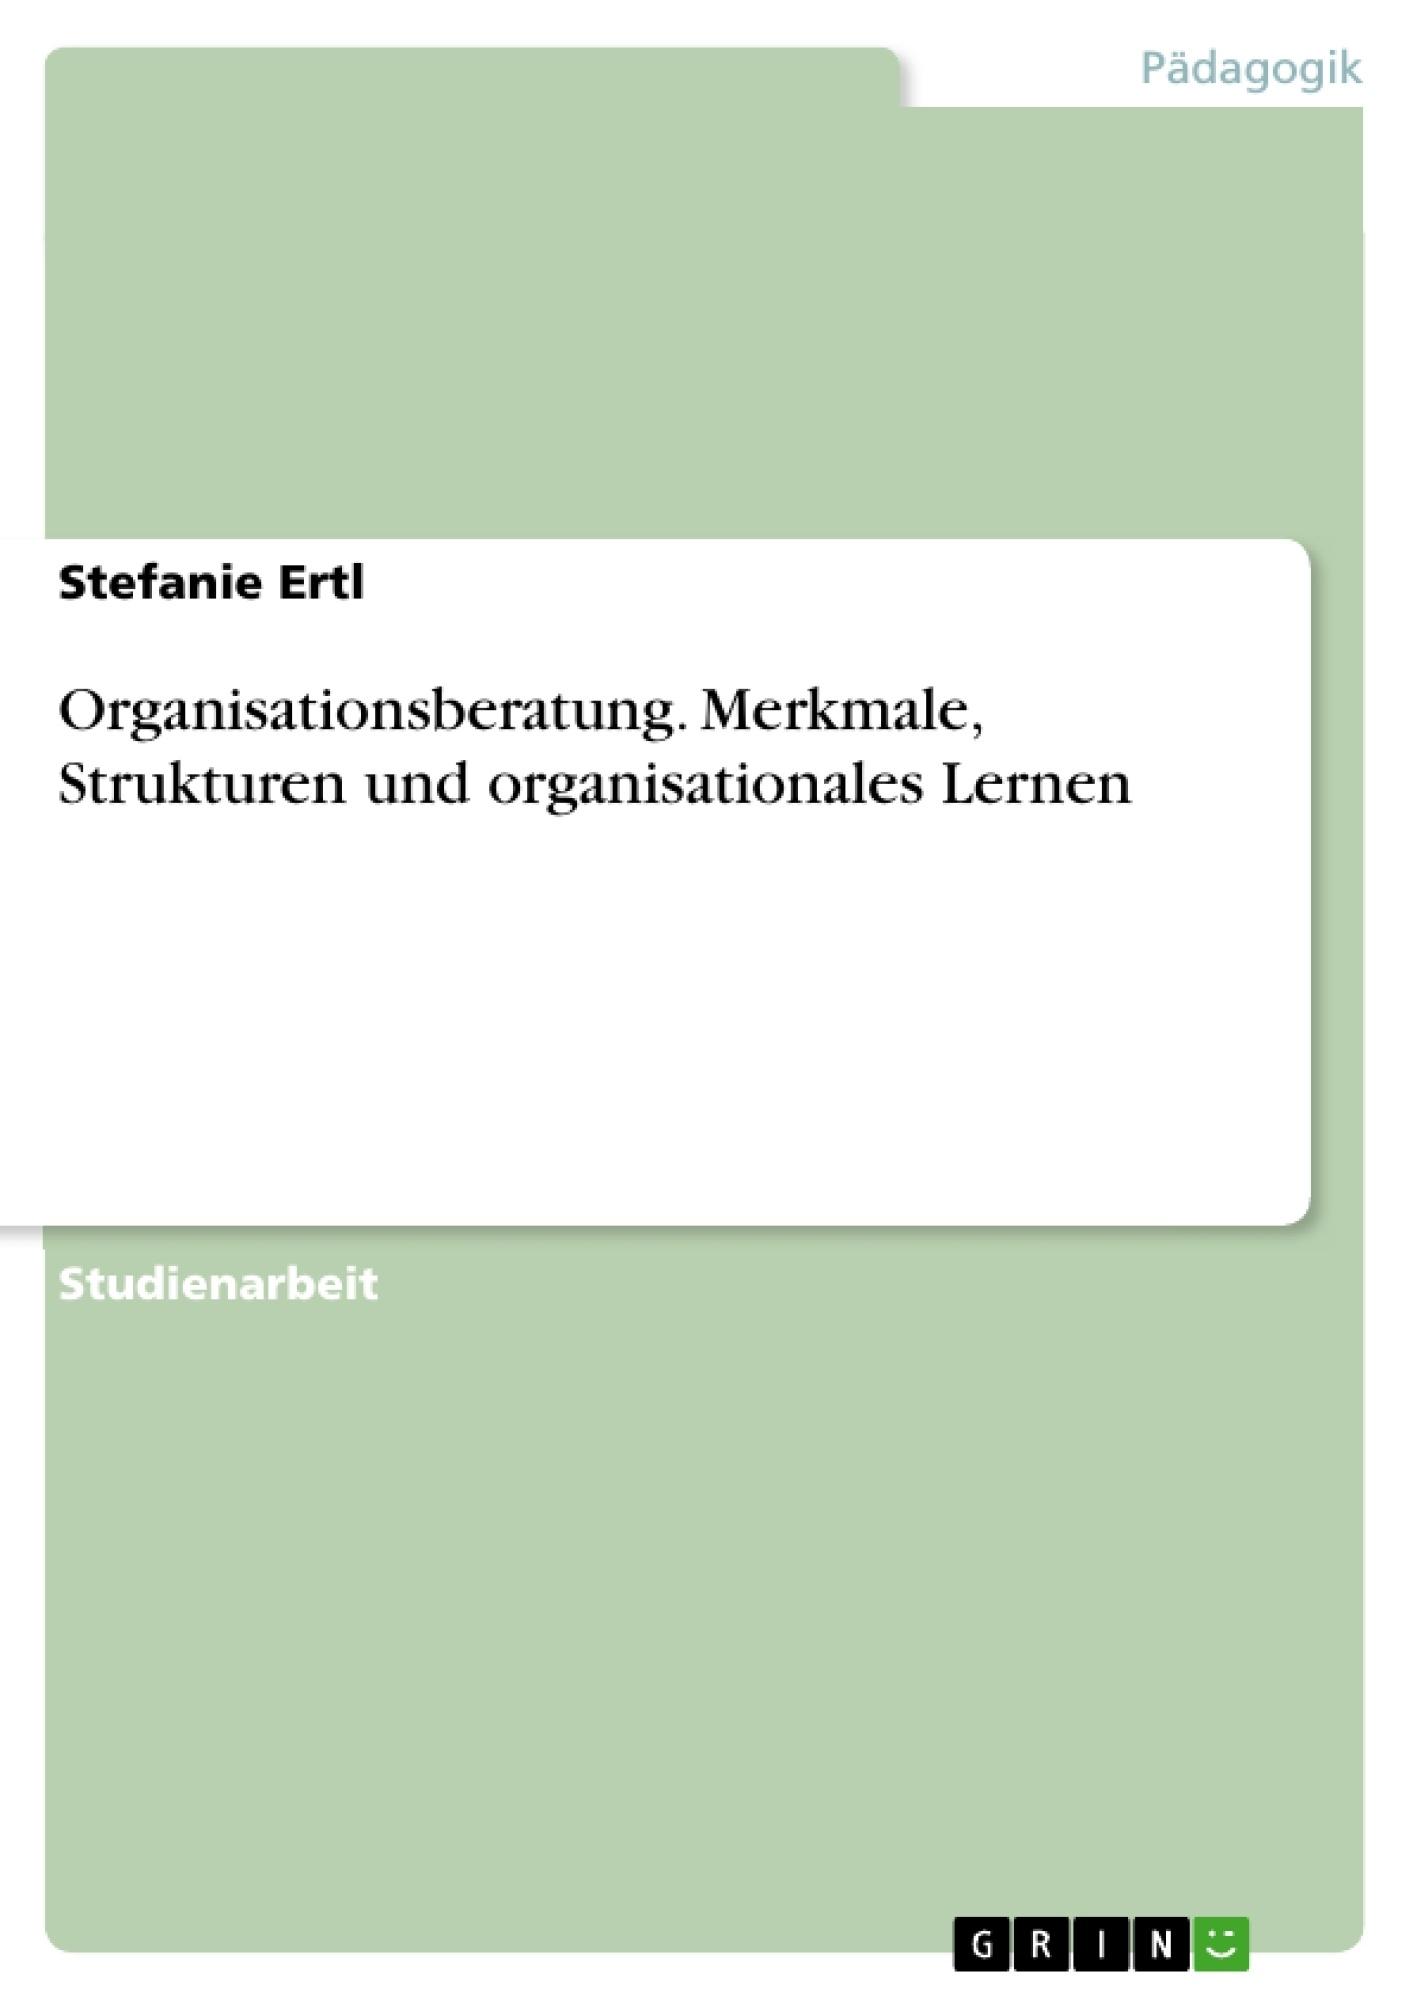 Titel: Organisationsberatung. Merkmale, Strukturen und organisationales Lernen